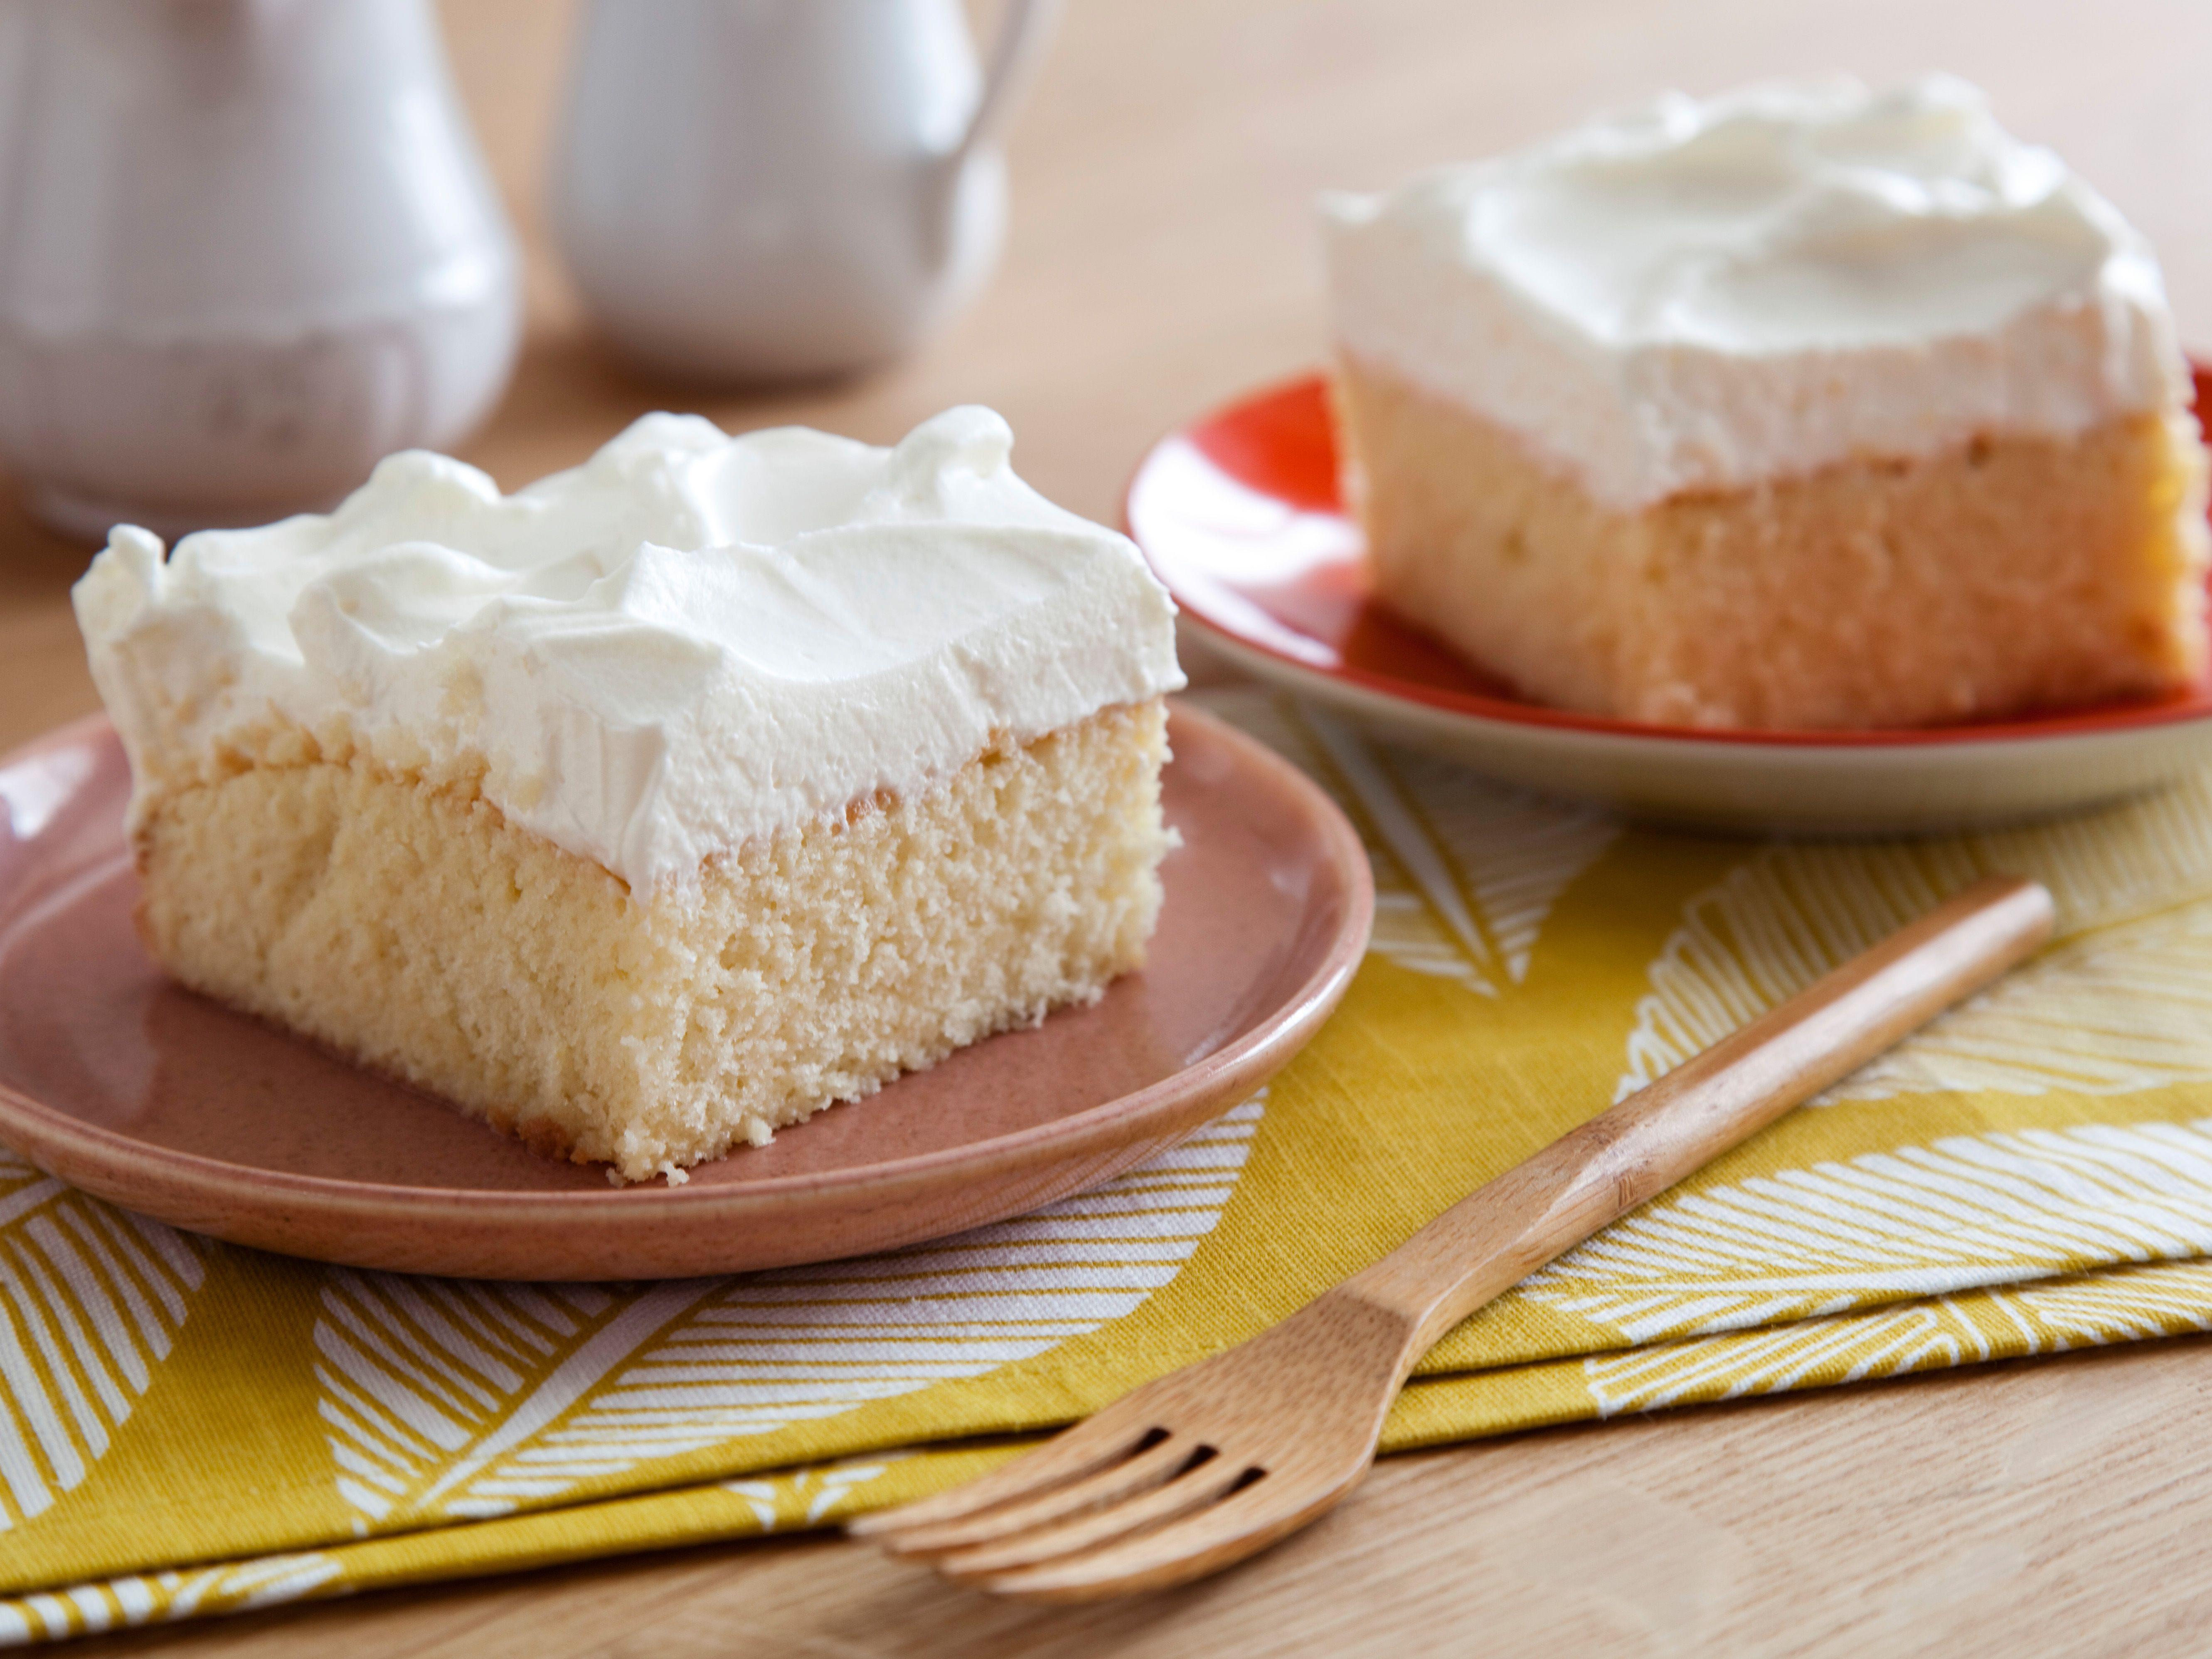 tres leches cake finish